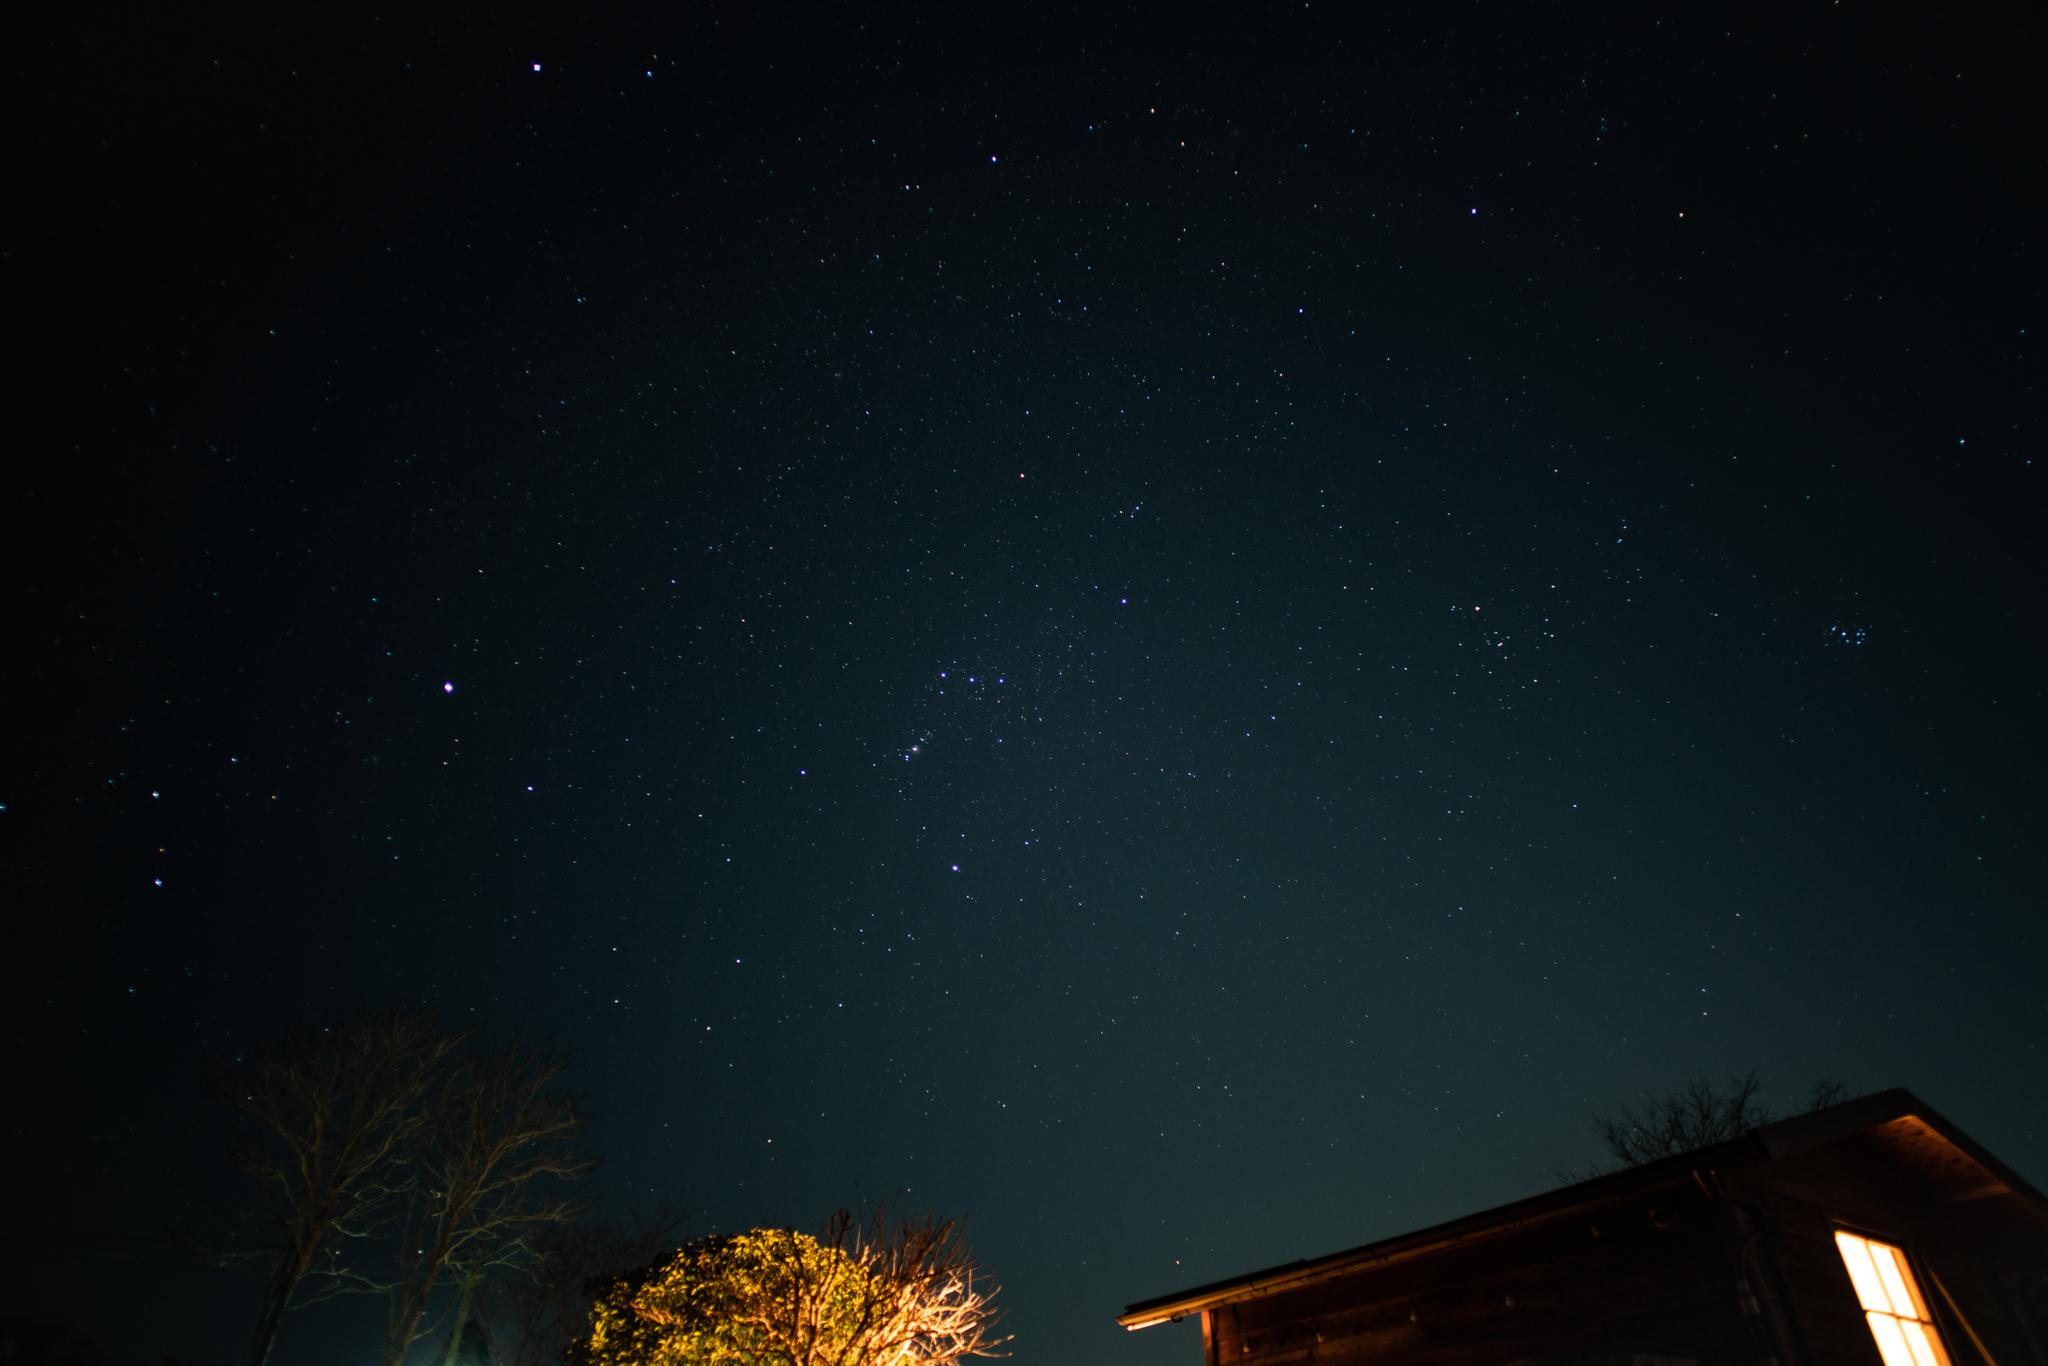 新月の星空 シリウス、オリオン、プレアデス